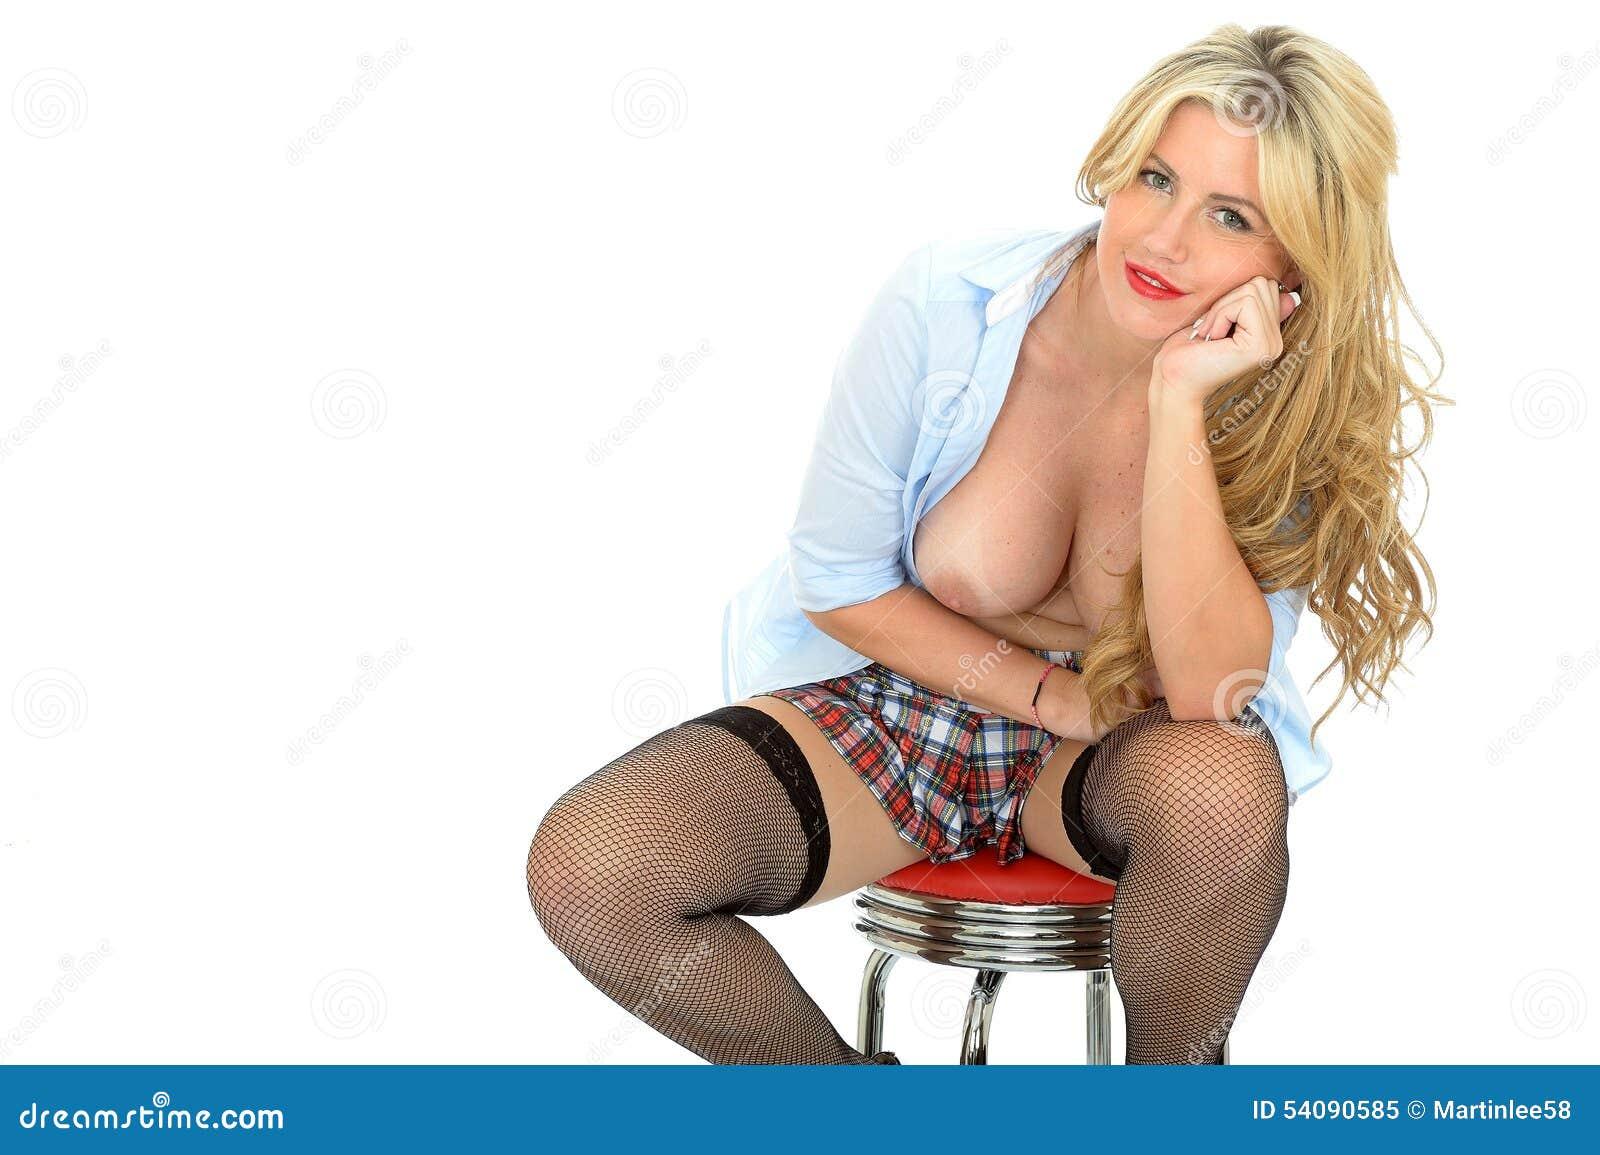 模型摆在的美好的性感的厚颜无耻的调情的年轻经典金发碧眼的女人Pin露胸部